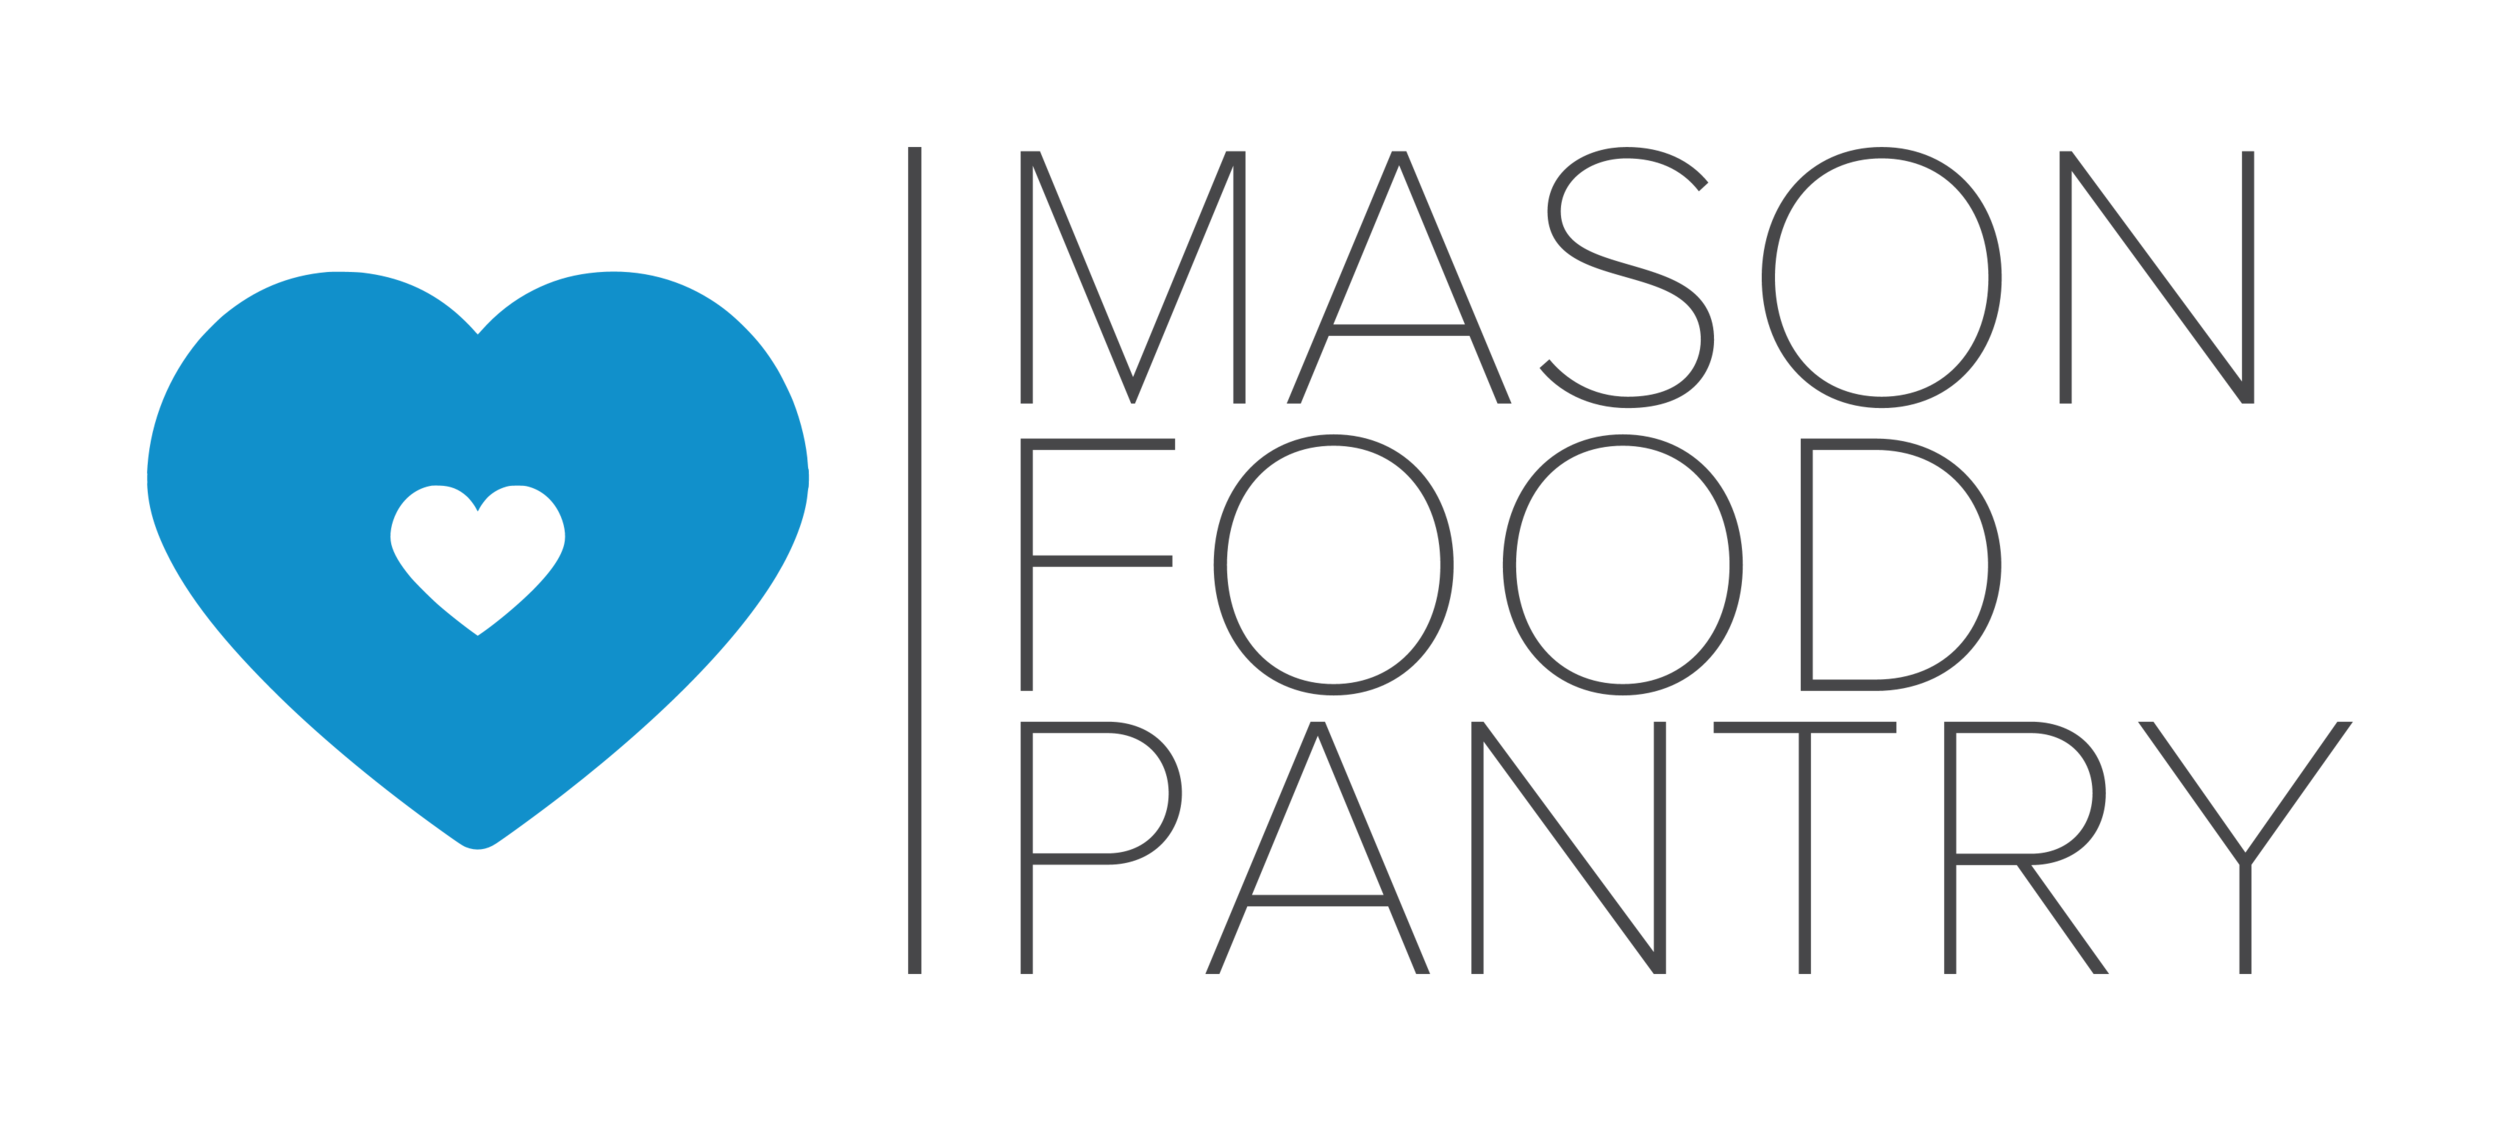 New Mason Food Pantry Logo.png